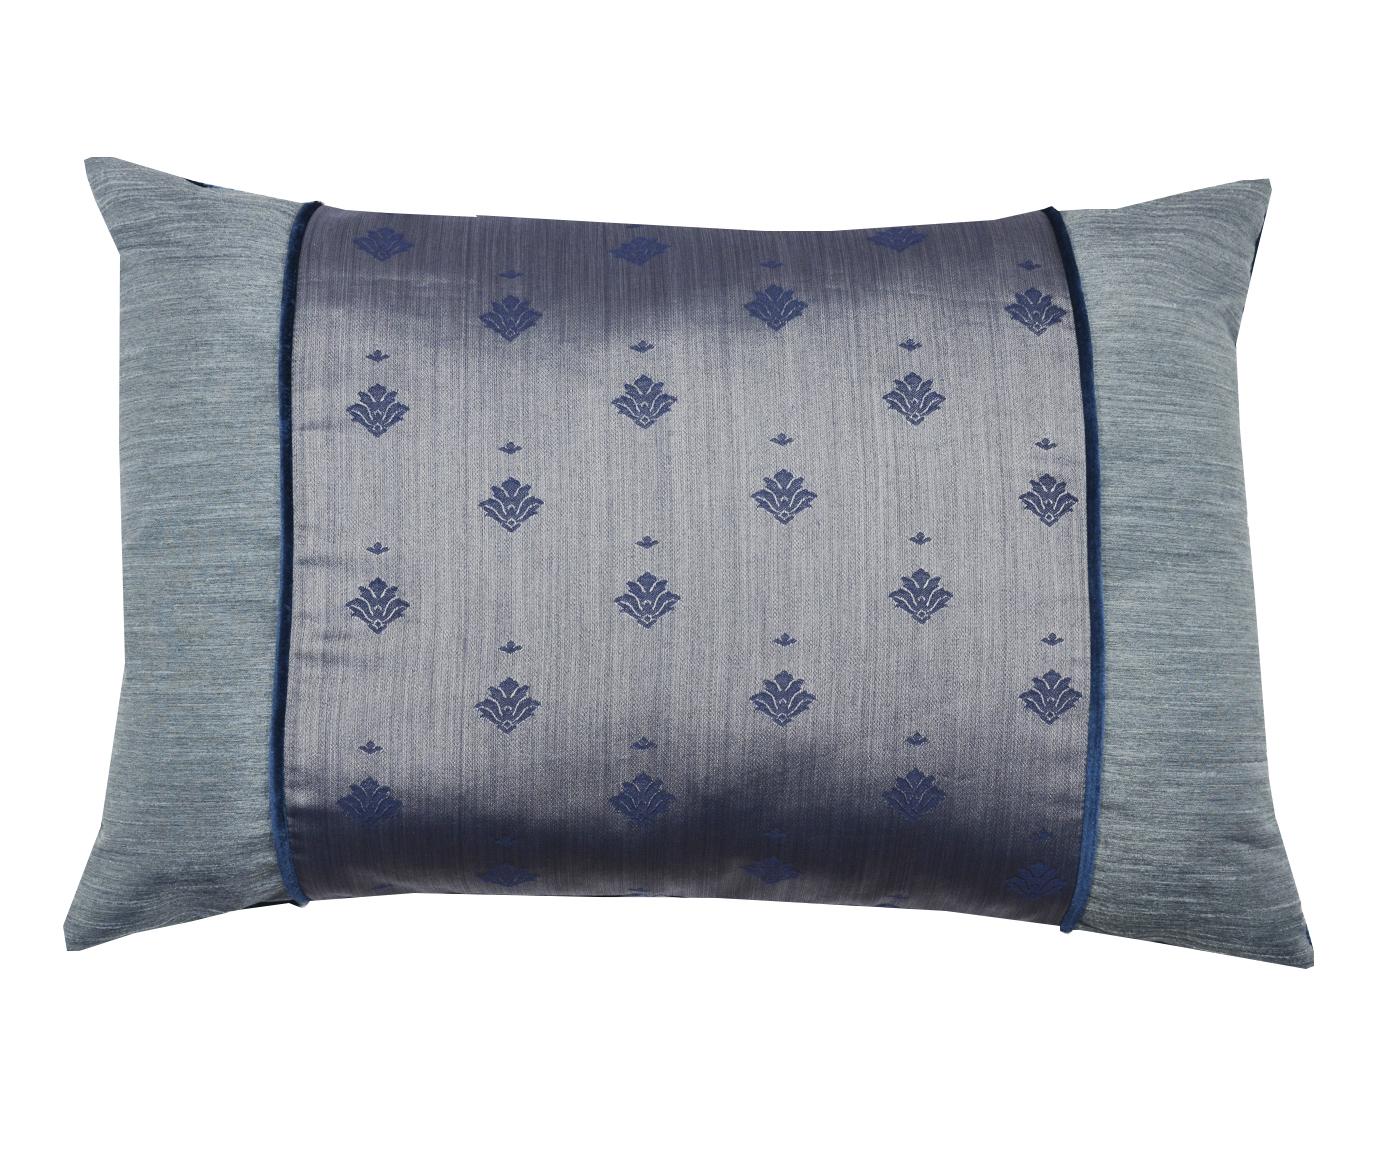 Подушка ФрансуаКвадратные подушки и наволочки<br>Декоративная  подушка .Чехол съемный.<br><br>Material: Вискоза<br>Length см: None<br>Width см: 60<br>Depth см: 15<br>Height см: 40